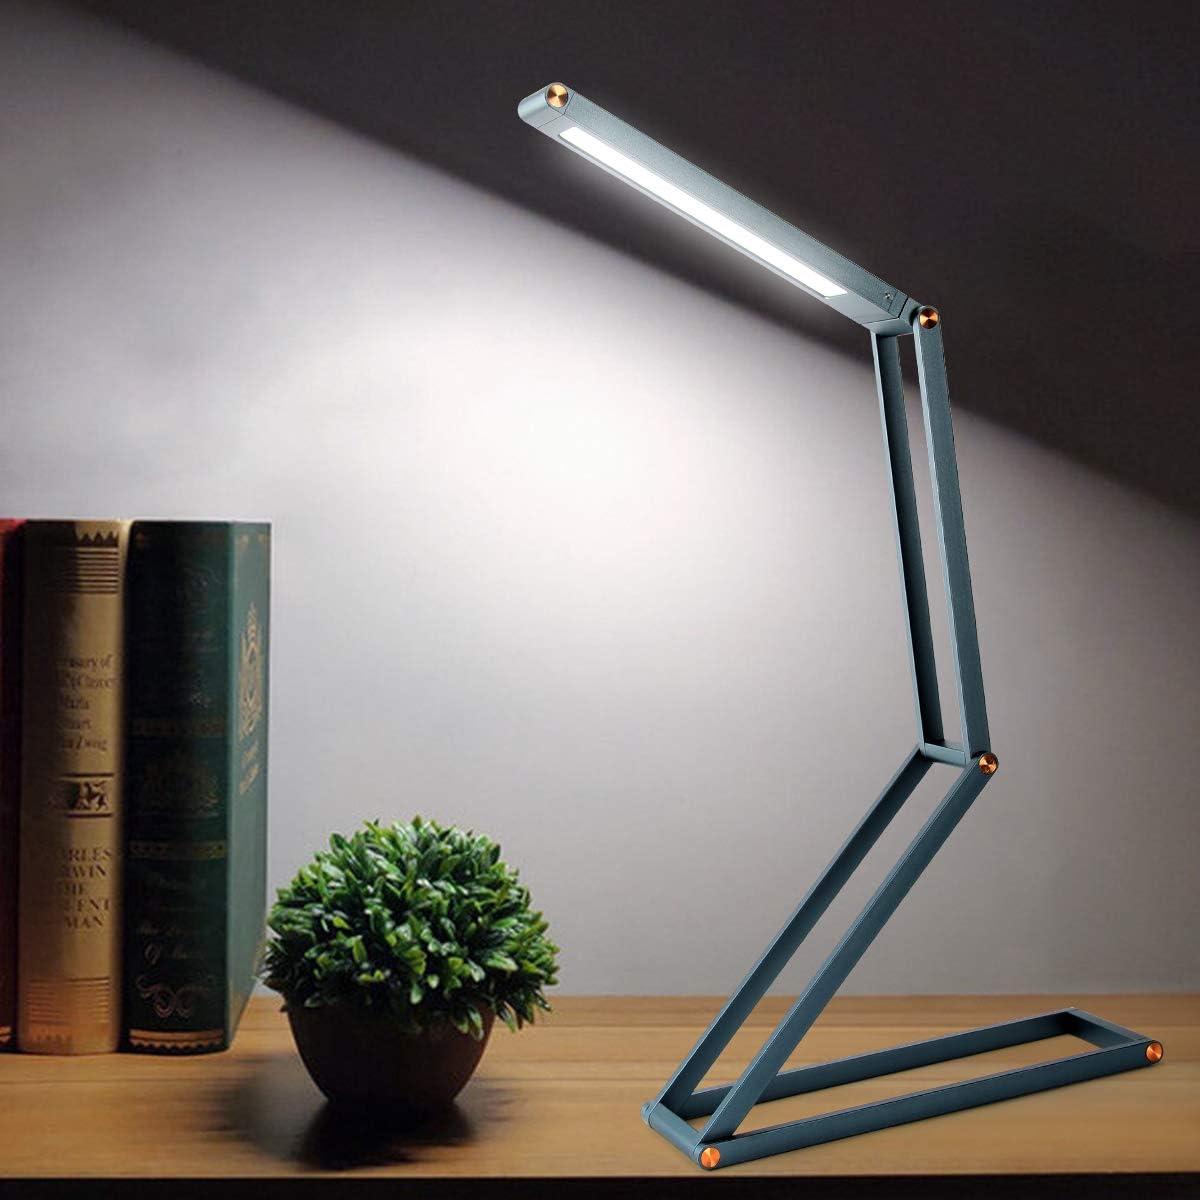 LED dimmbar und faltbar Mini Energiesparende Schreibtischlampe Buchlampe Arbeitslampe Tageslichtlampe Akku Leselampe faltbar mit Micro USB Ladekabel ELZO LED Aluminium Tischlampe mit Schwenkkopf